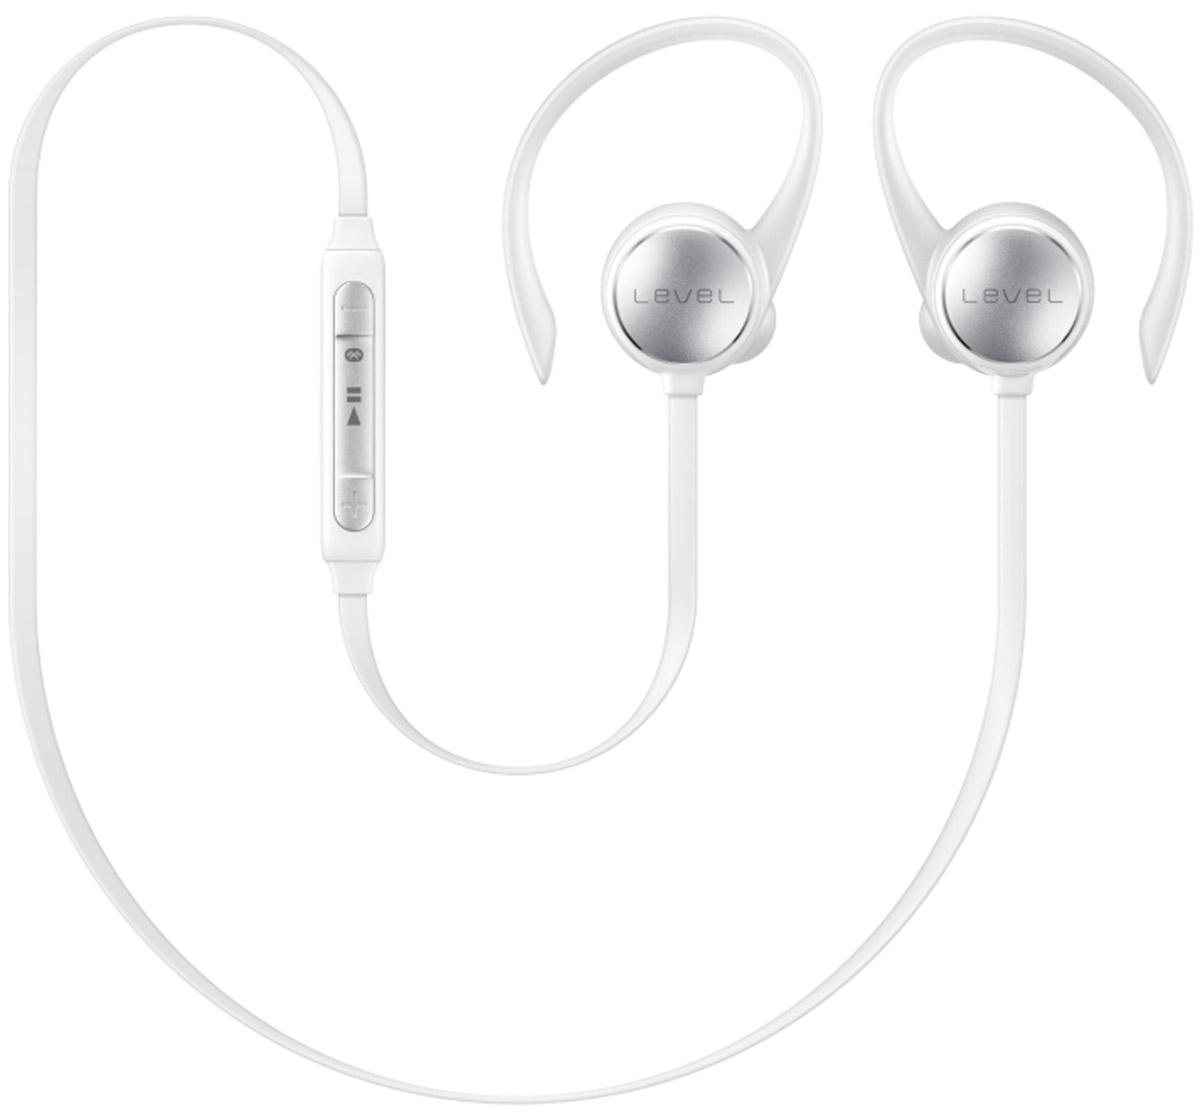 Samsung EO-BG930 Level Active, White наушникиEO-BG930CWEGRUС наушниками Samsung Level Active никакой посторонний шум не помешает слушать музыку. Гарнитура автоматически компенсирует уровень нежелательного шума до -20 дБ. Беспроводная конструкция делает ношение максимально комфортным. Они снабжены гибкими держателями и дужками. В комплект входят ушные вкладыши трех разных размеров. Samsung Level Active обеспечивают качественный звук студийного качества на всем диапазоне частот.Наушники имеют защитное нанопокрытие и подходят для активных людей. Покрытие предохраняет гарнитуру от влаги, обеспечивая комфорт при занятиях спортом. Связь с устройствами происходит при помощи Bluetooth. Так с экрана смартфона можно управлять настройками звука и воспроизведением. Приложение Samsung Level расширяет возможности гарнитуры – позволяет получать уведомления при помощи звуковых и вибрационных сигналов, а также контролировать физическое состояние во время тренировок. Синхронизация со смартфоном и приложениями S Health и секундомером поможет в достижении спортивных целей.